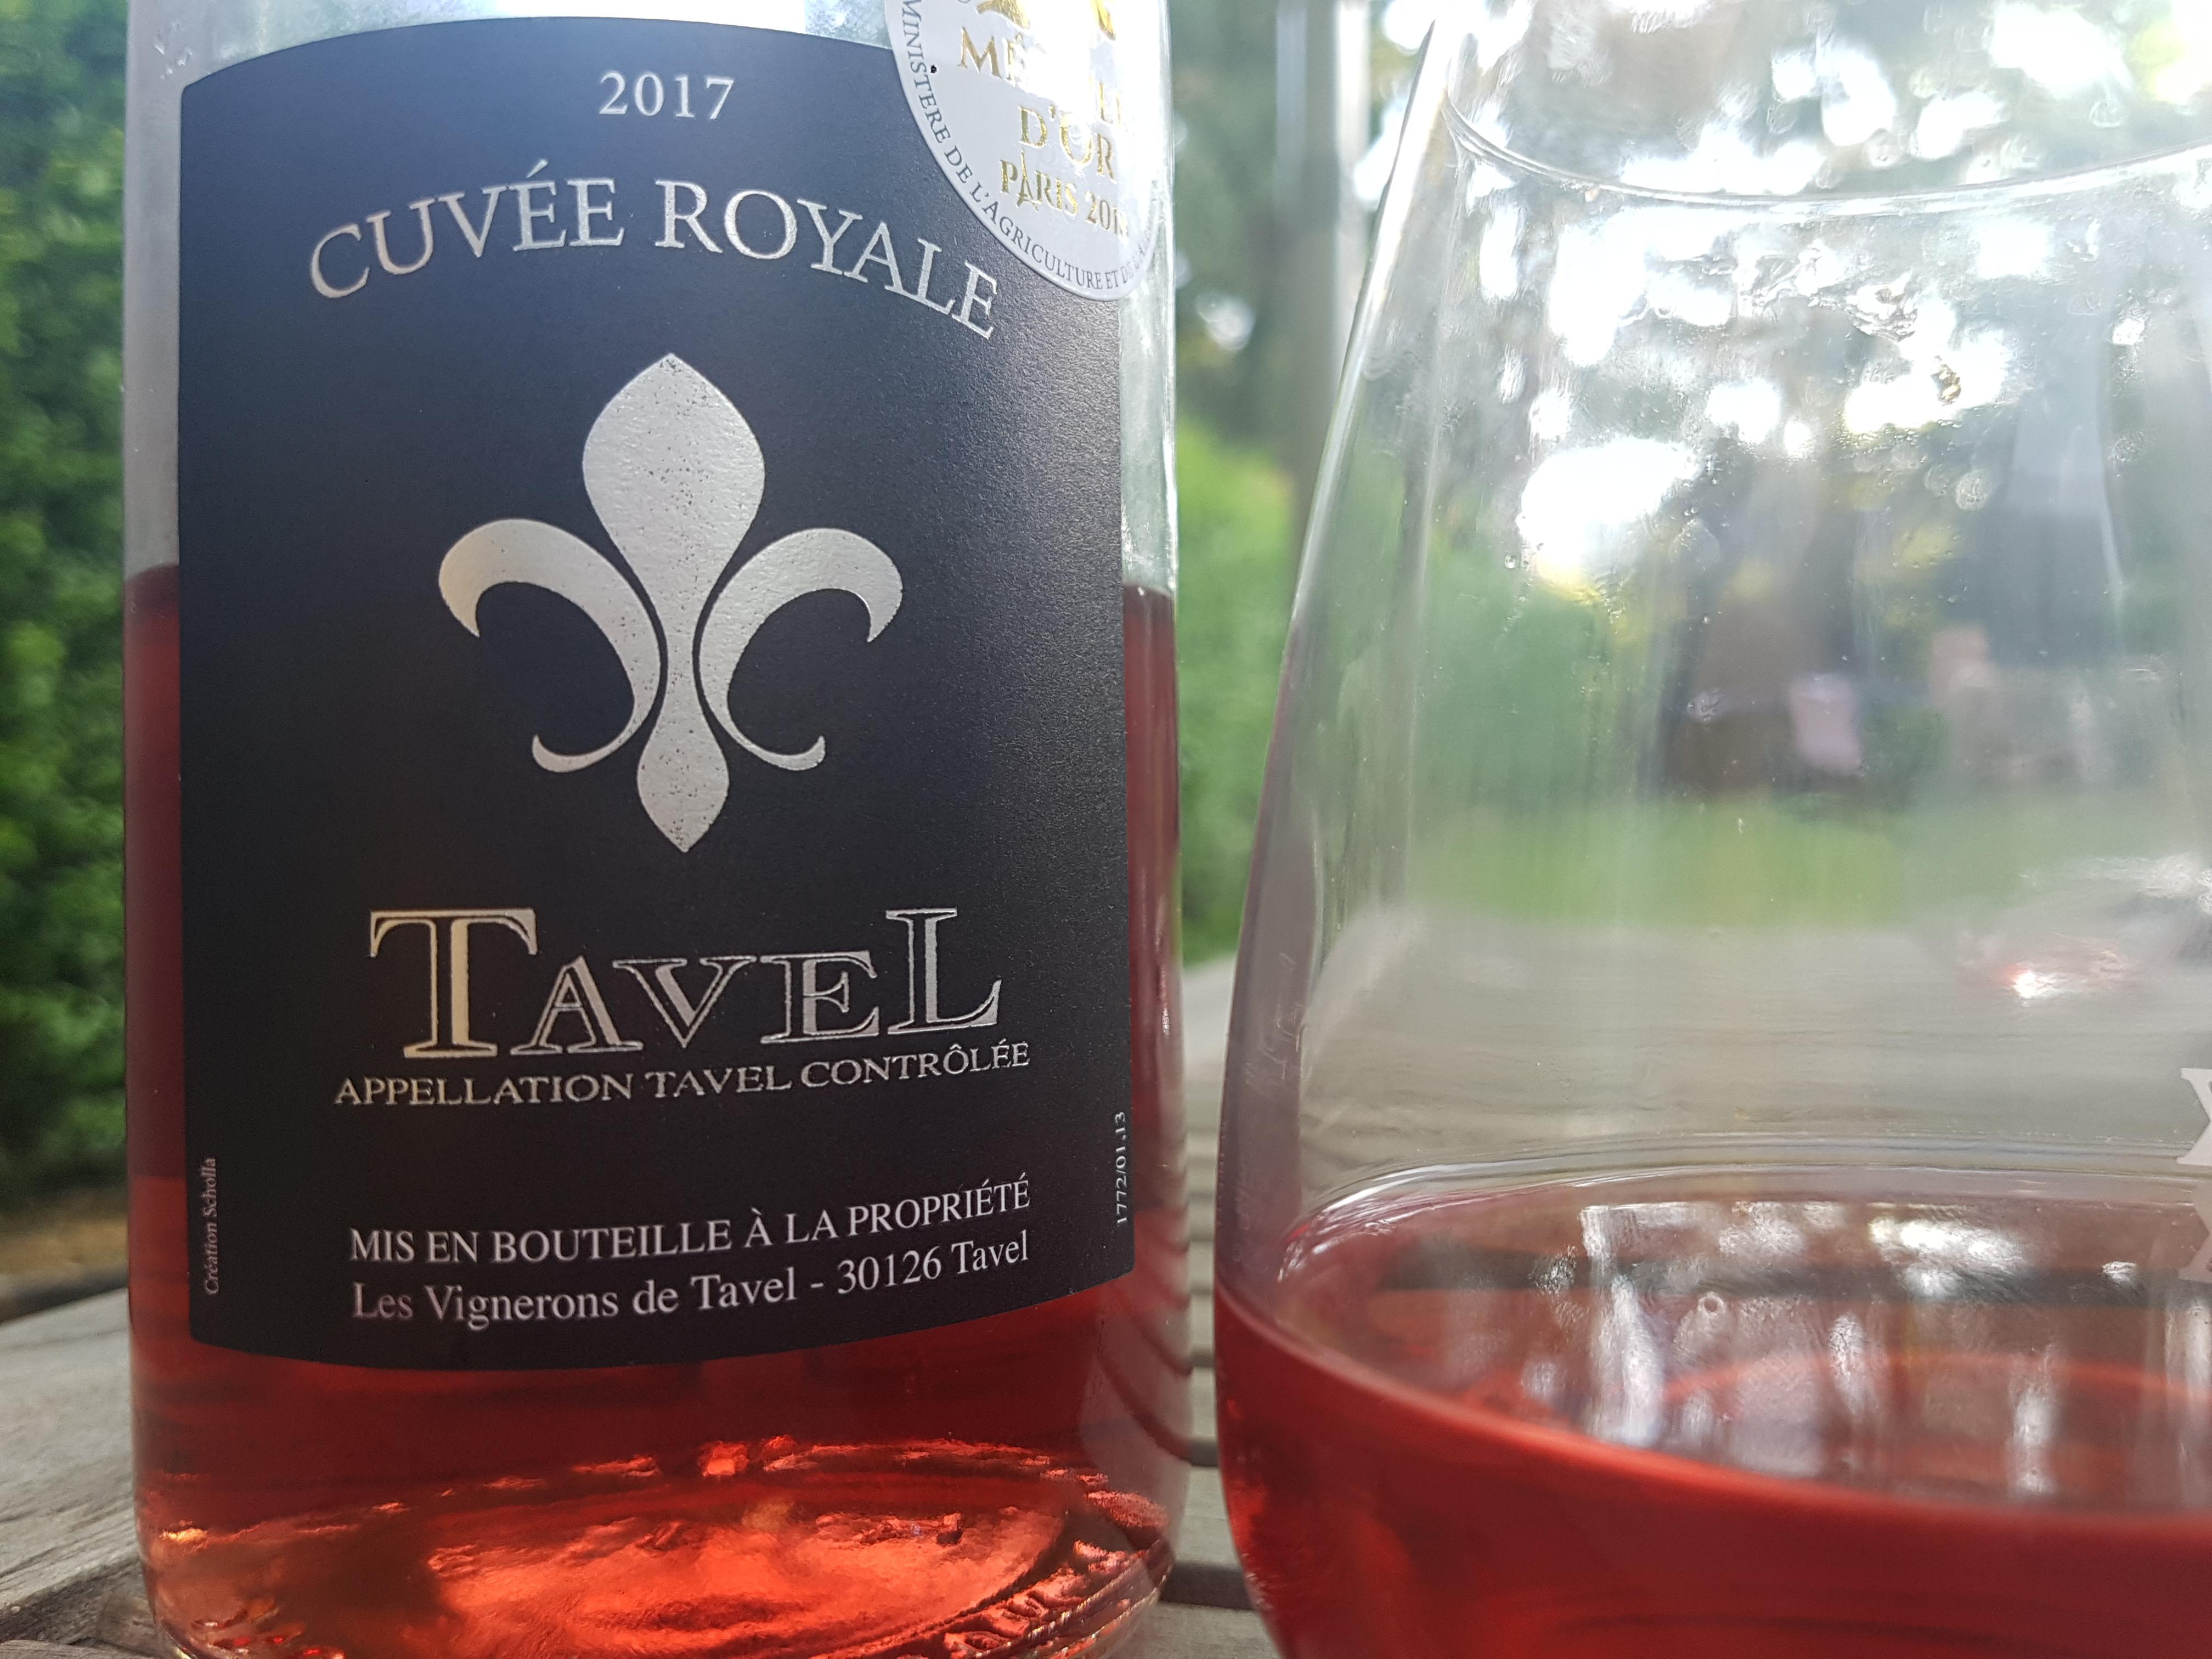 Les Vignerons de Tavel Cuvée Royale 2017 – Tavel